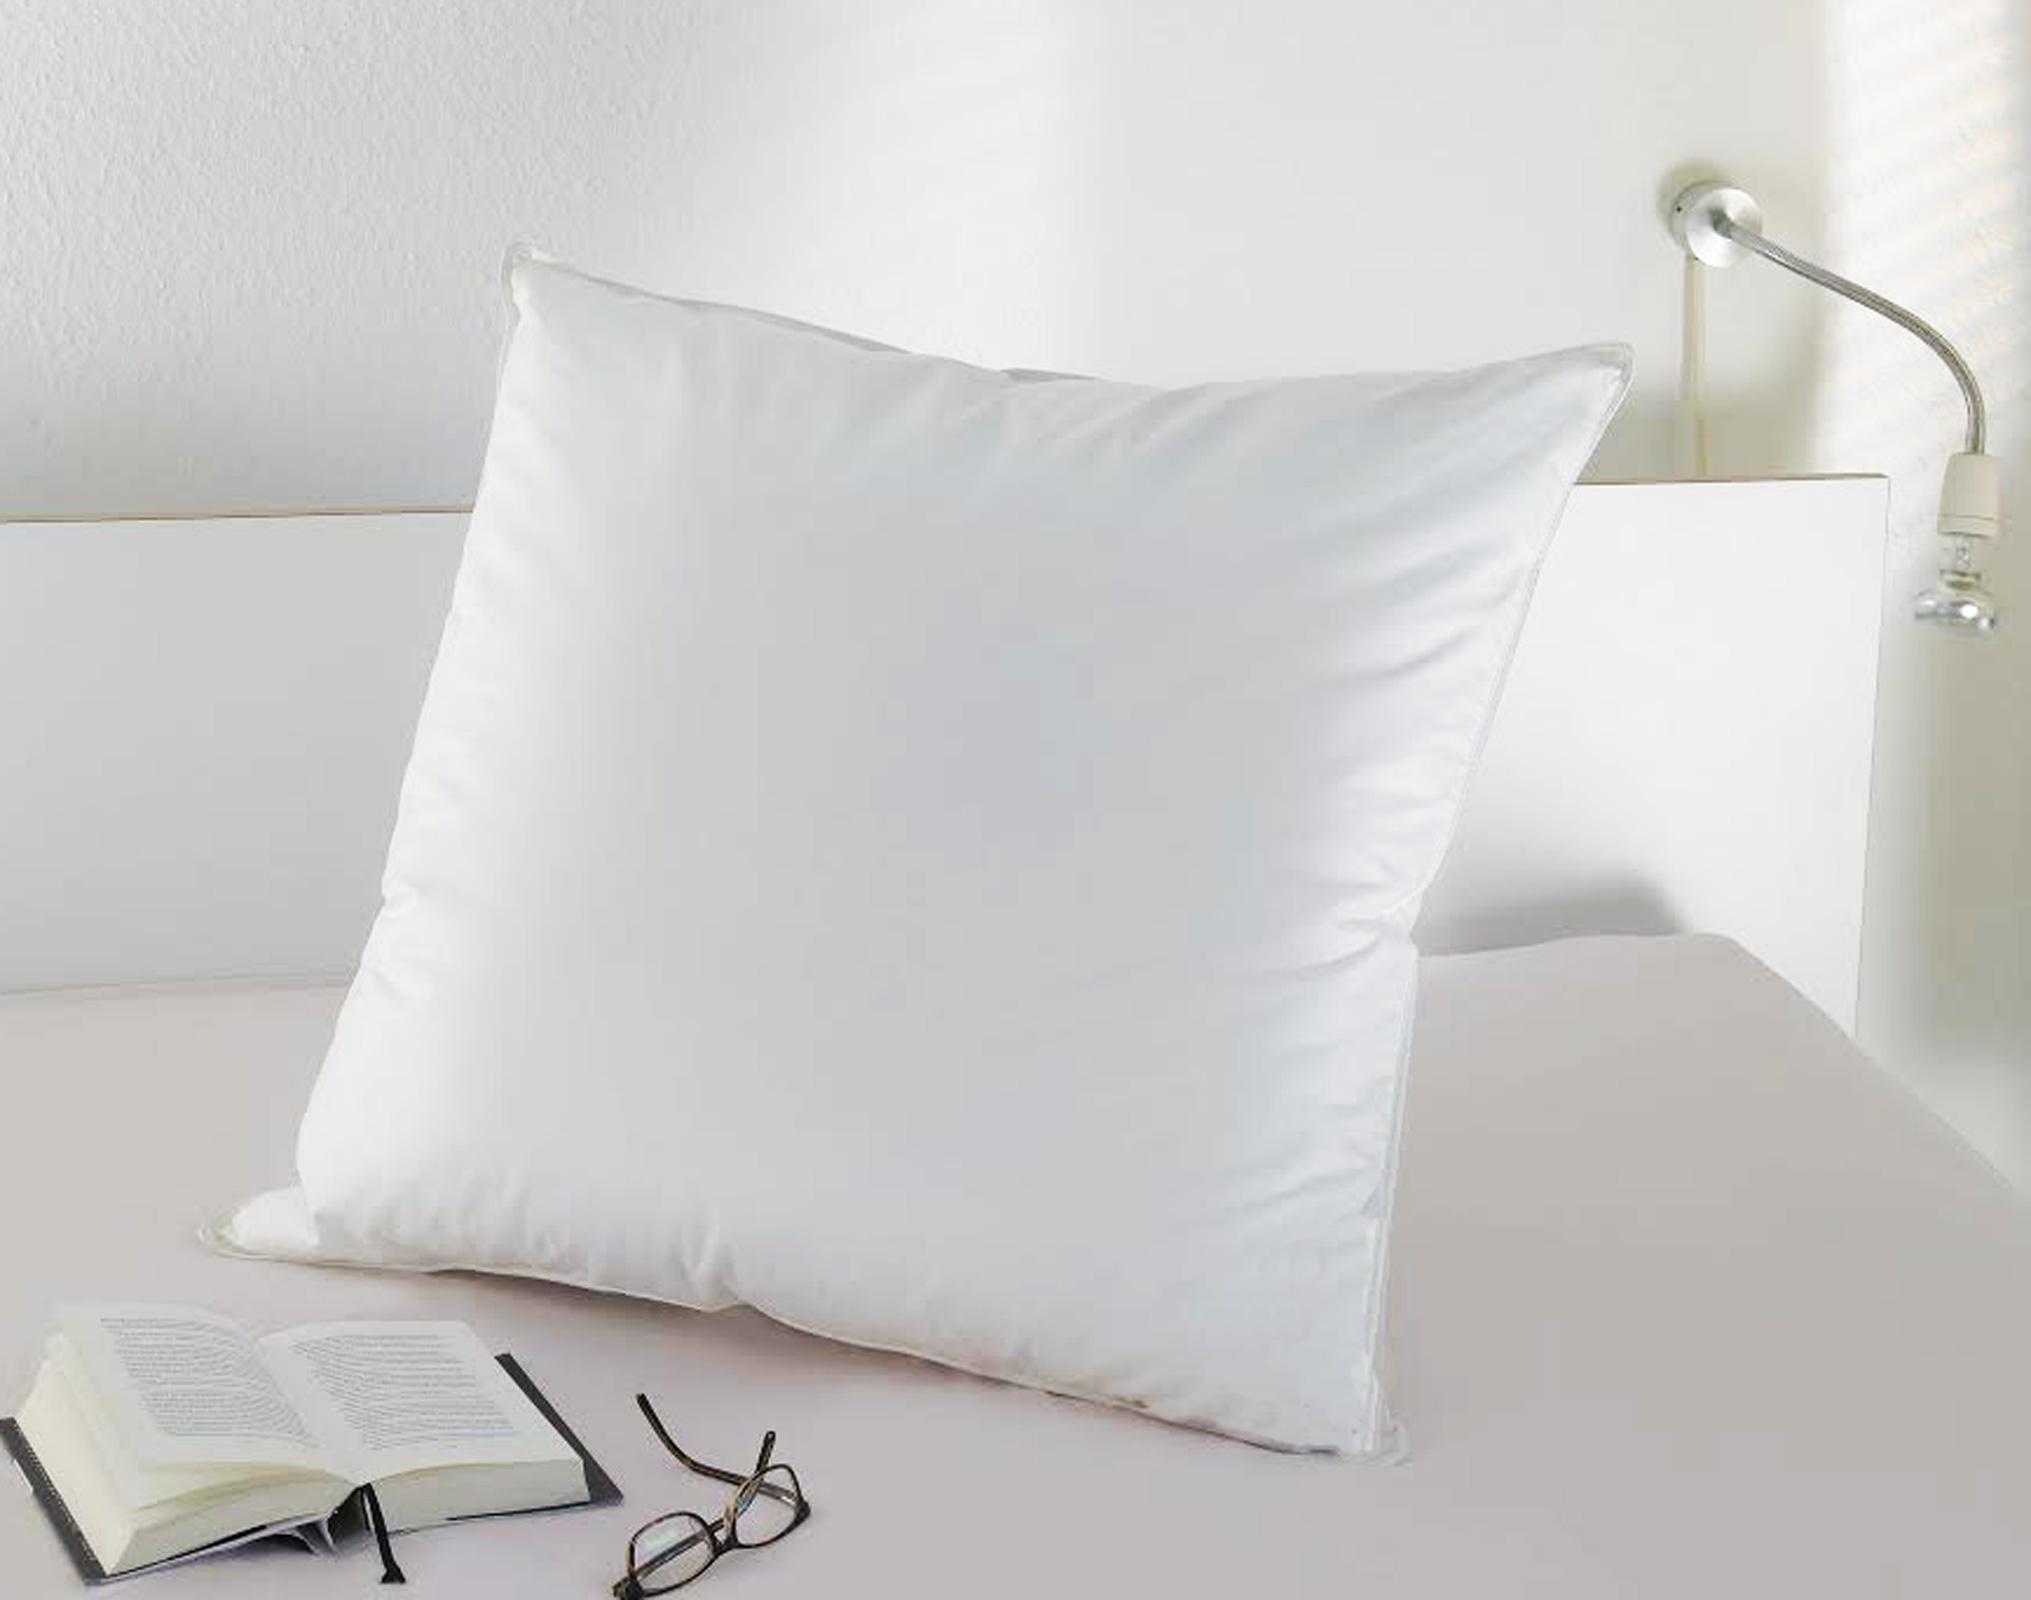 Bettdecken und Kopfkissen - Kopfkissen 40x80 600 Gramm 90 Federn 10 Daunen Serie Moon  - Onlineshop PremiumShop321